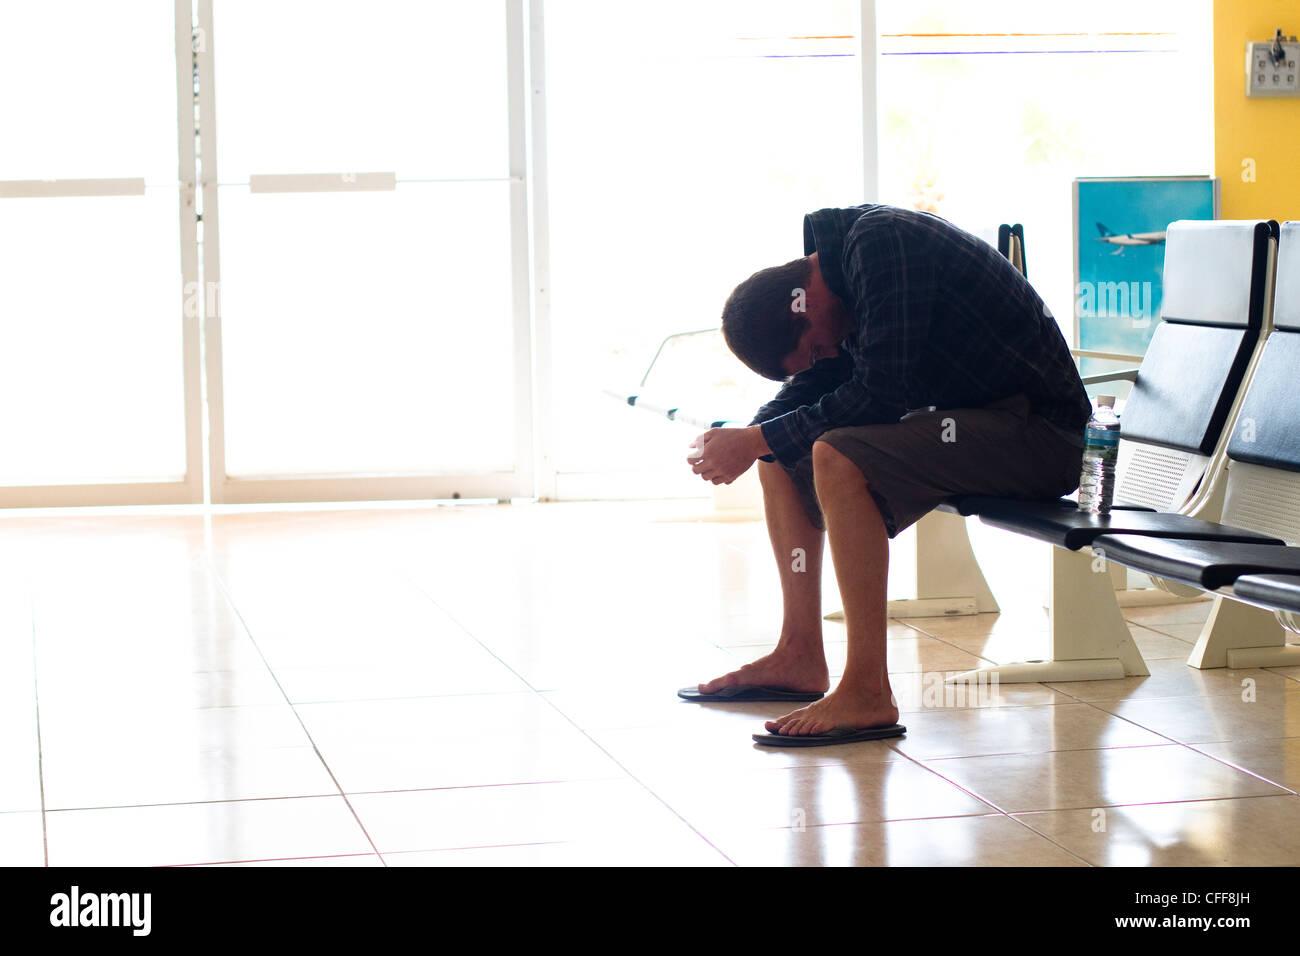 Un esausto viaggiatore maschio attende nel terminal di un aeroporto per il volo per arrivare a Manzanillo International Immagini Stock